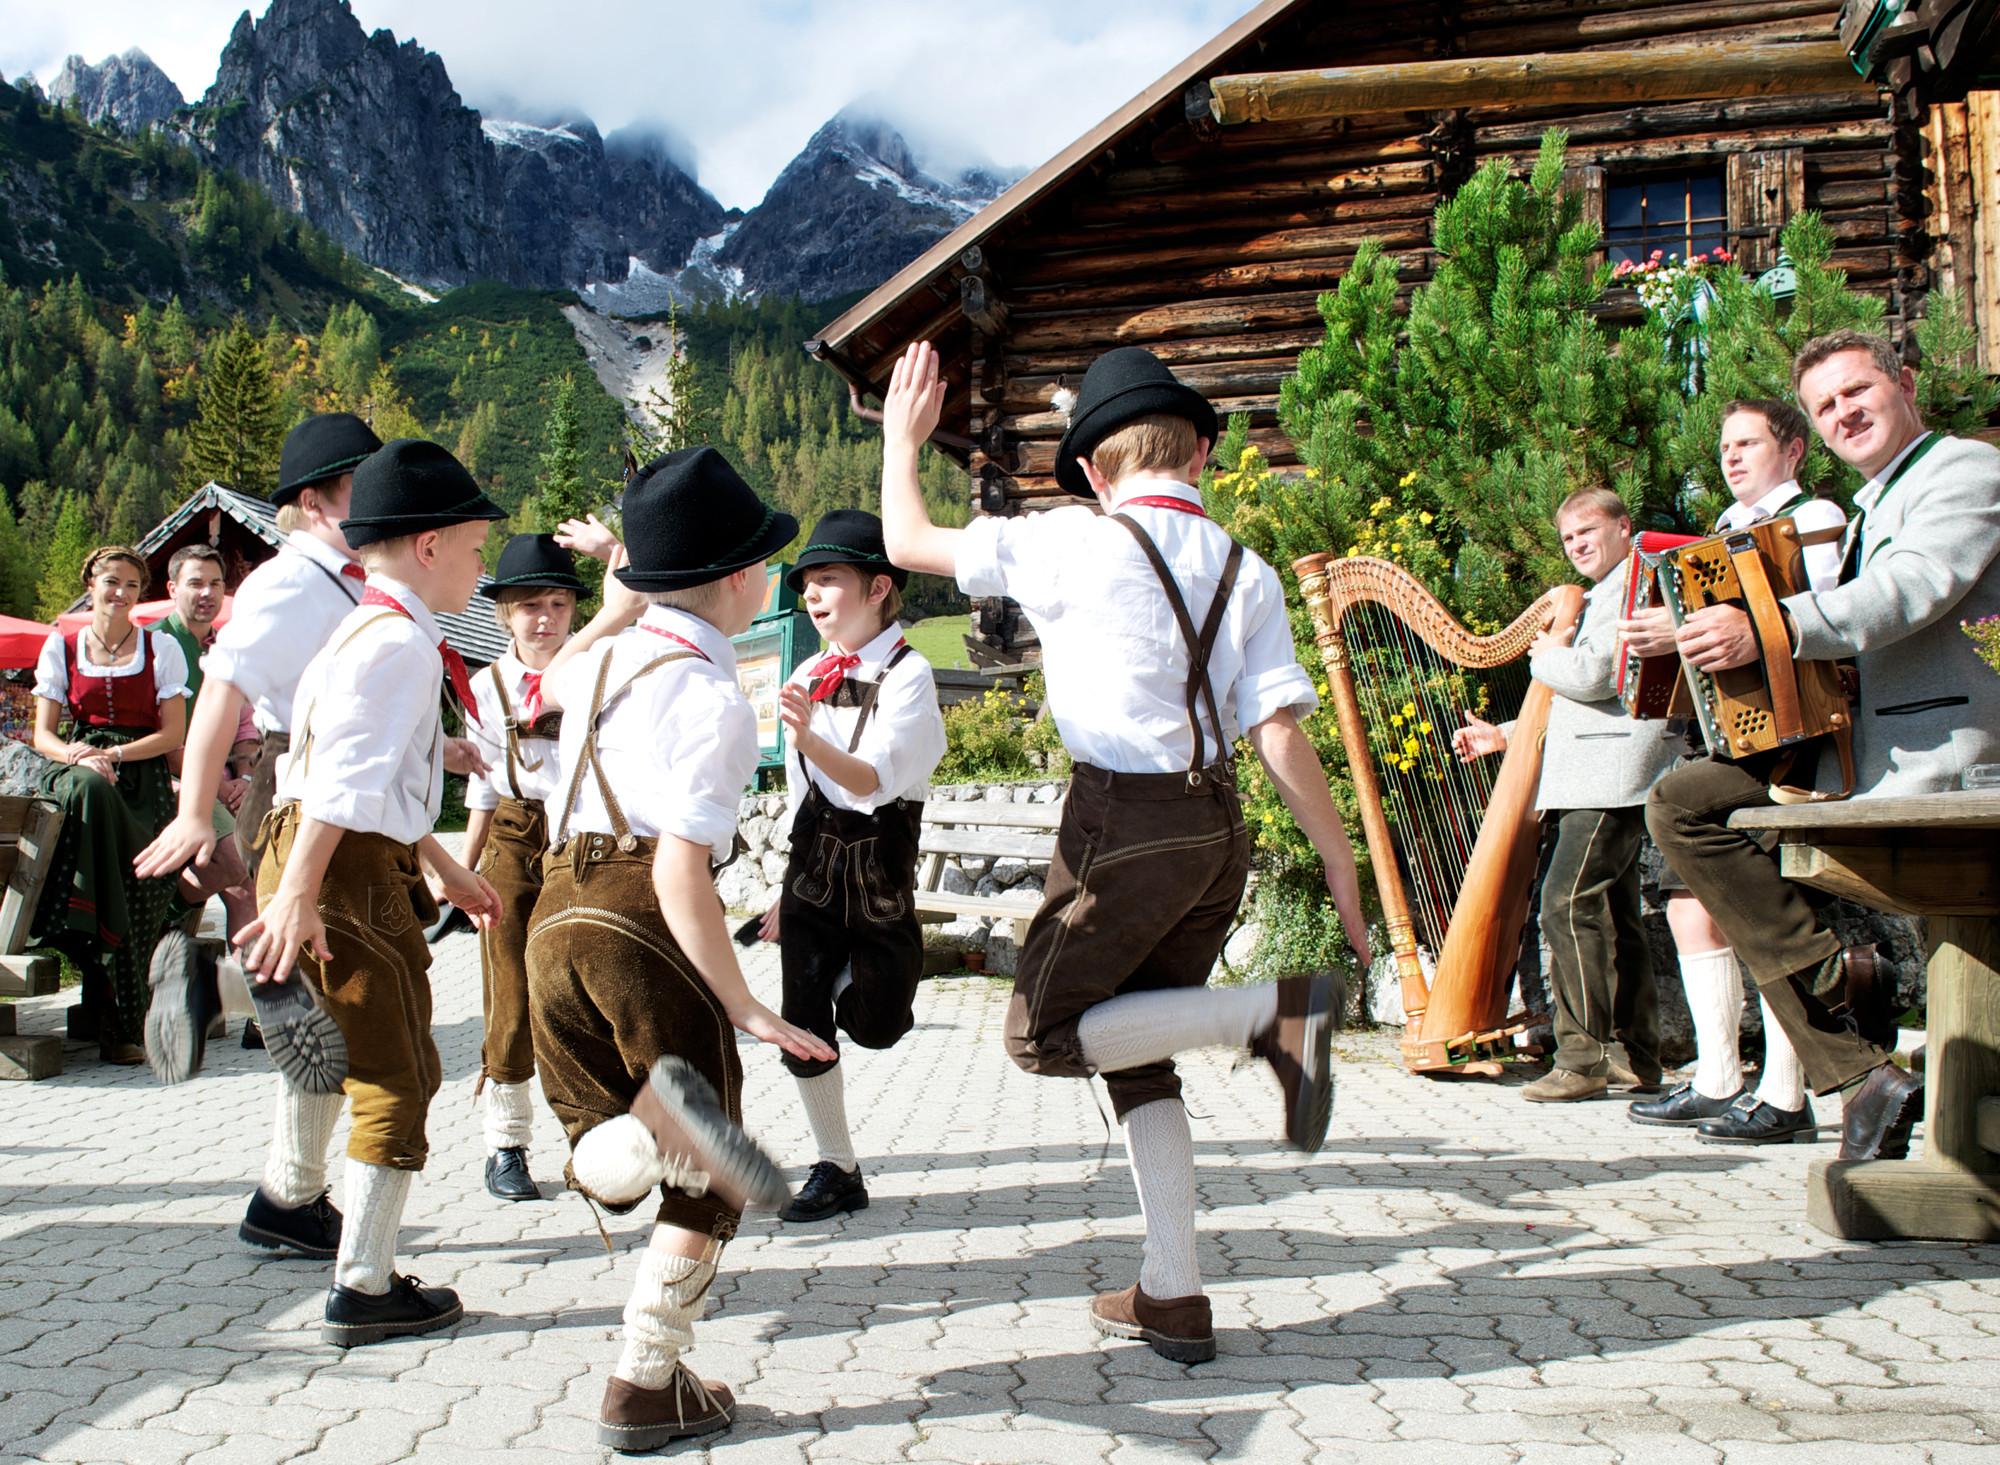 © SalzburgerLand Tourismus, Bauernherbst Fest mit Kinder